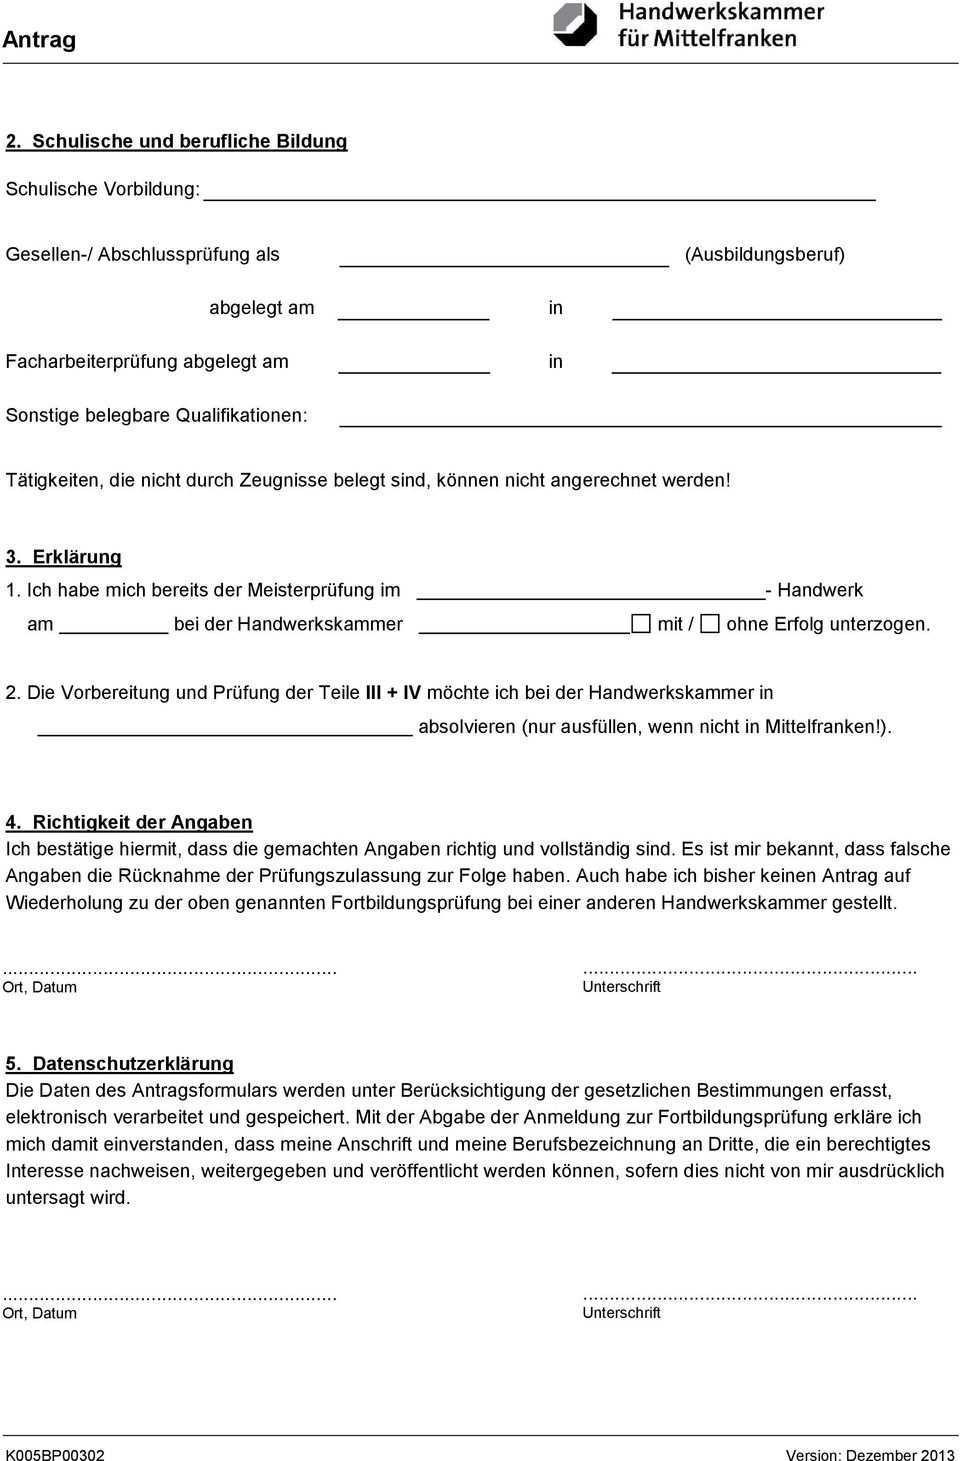 Antrag An Die Kfz Innung Mittelfranken Kdor Hermannstr 21 Nurnberg Teilnehmer Nr Antrag Auf Zulassung Zur Meisterprufung Pdf Kostenfreier Download